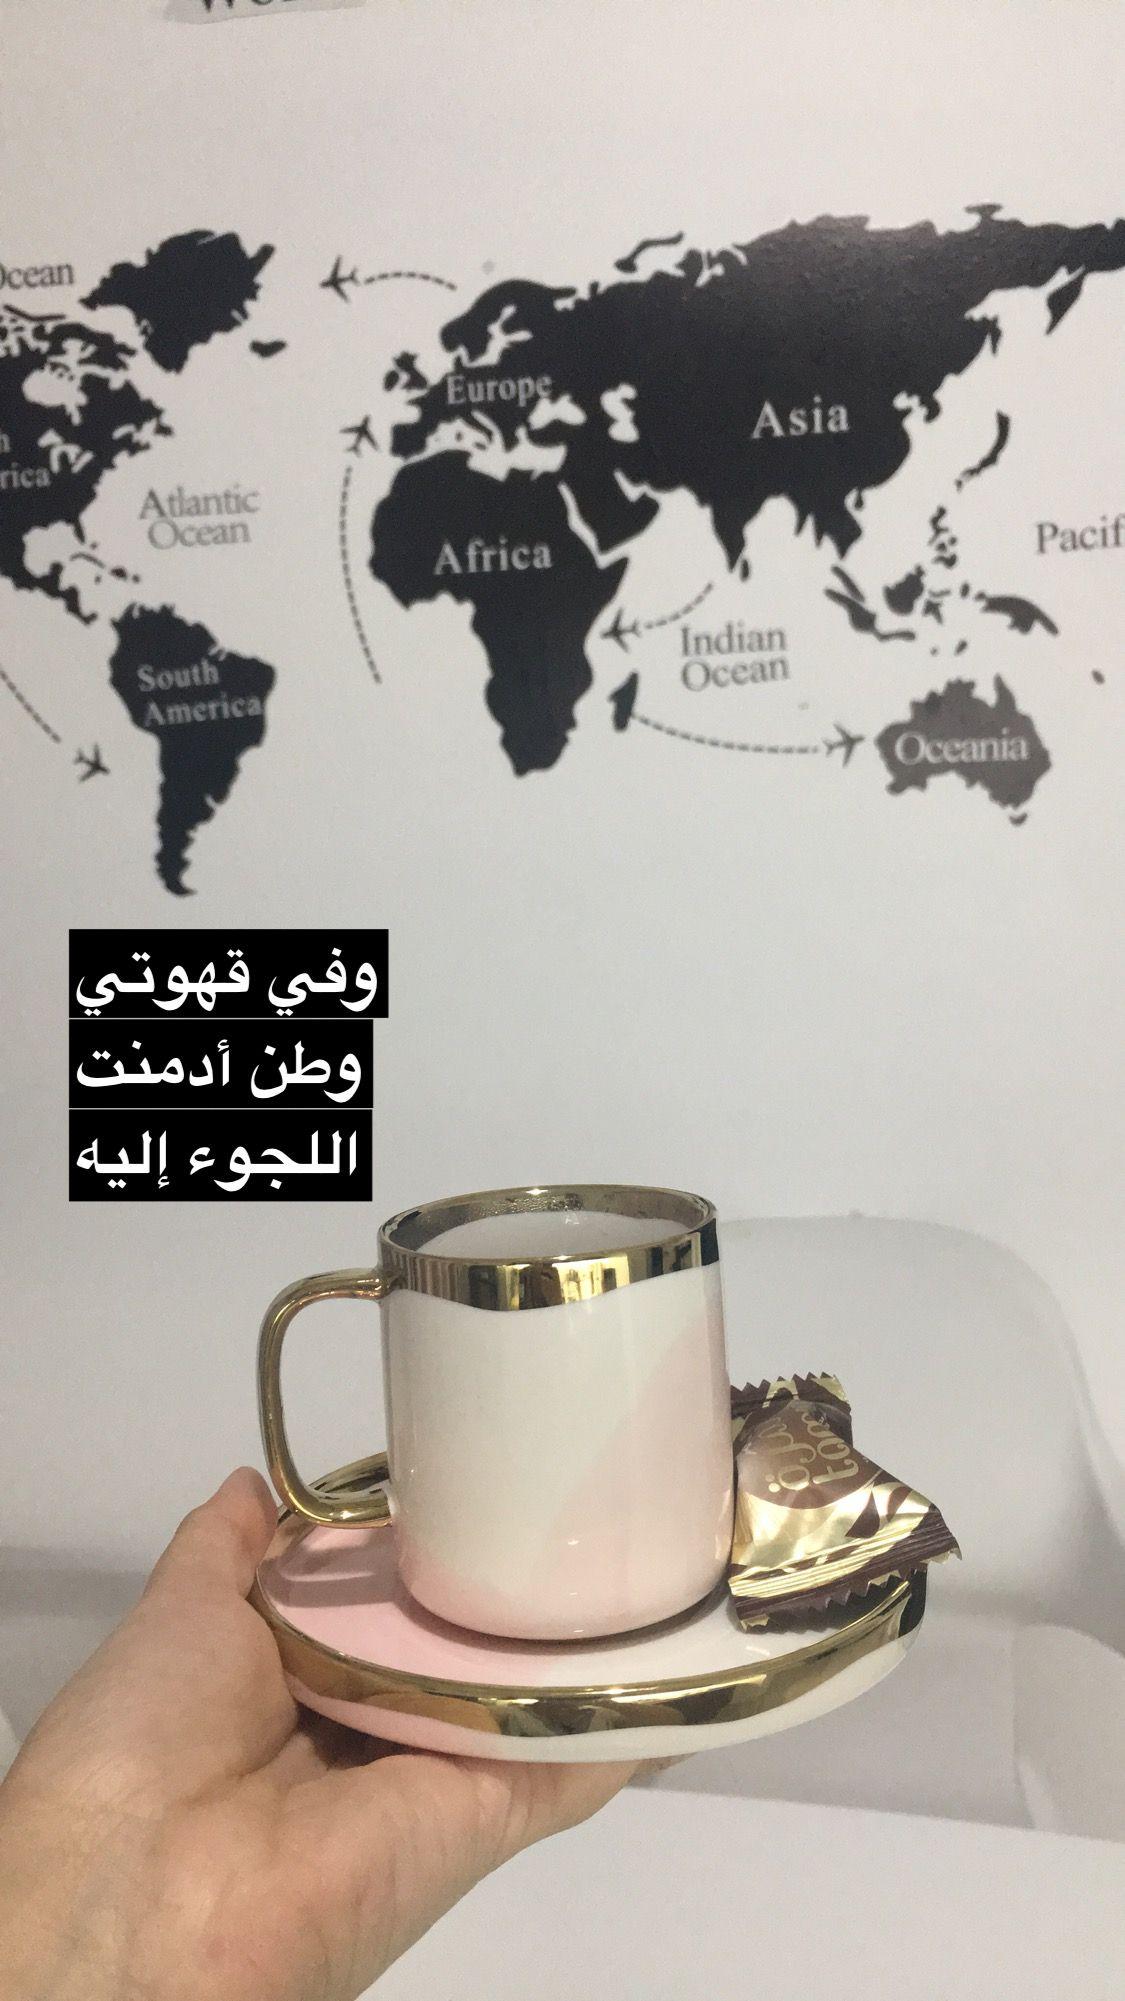 عبارات عن القهوة قهوتي Coffee قهوة عربية Coffee Flower Coffee Quotes Coffee Lover